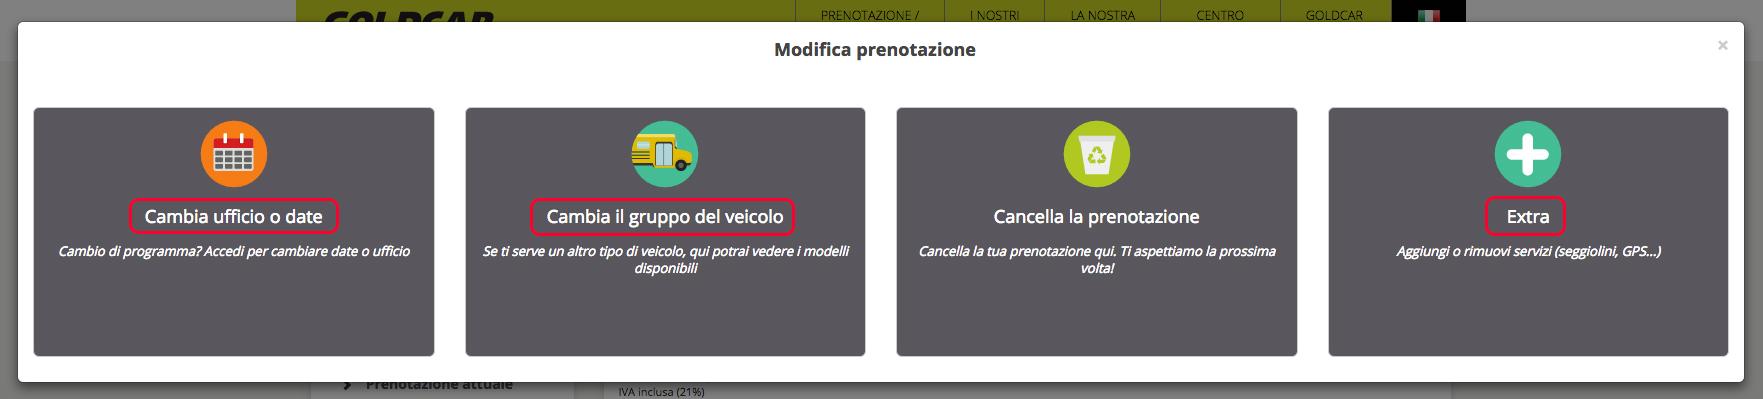 Come si modifica una prenotazione? (Cambio data, veicolo, aggiungere o eliminare extra...) (4)